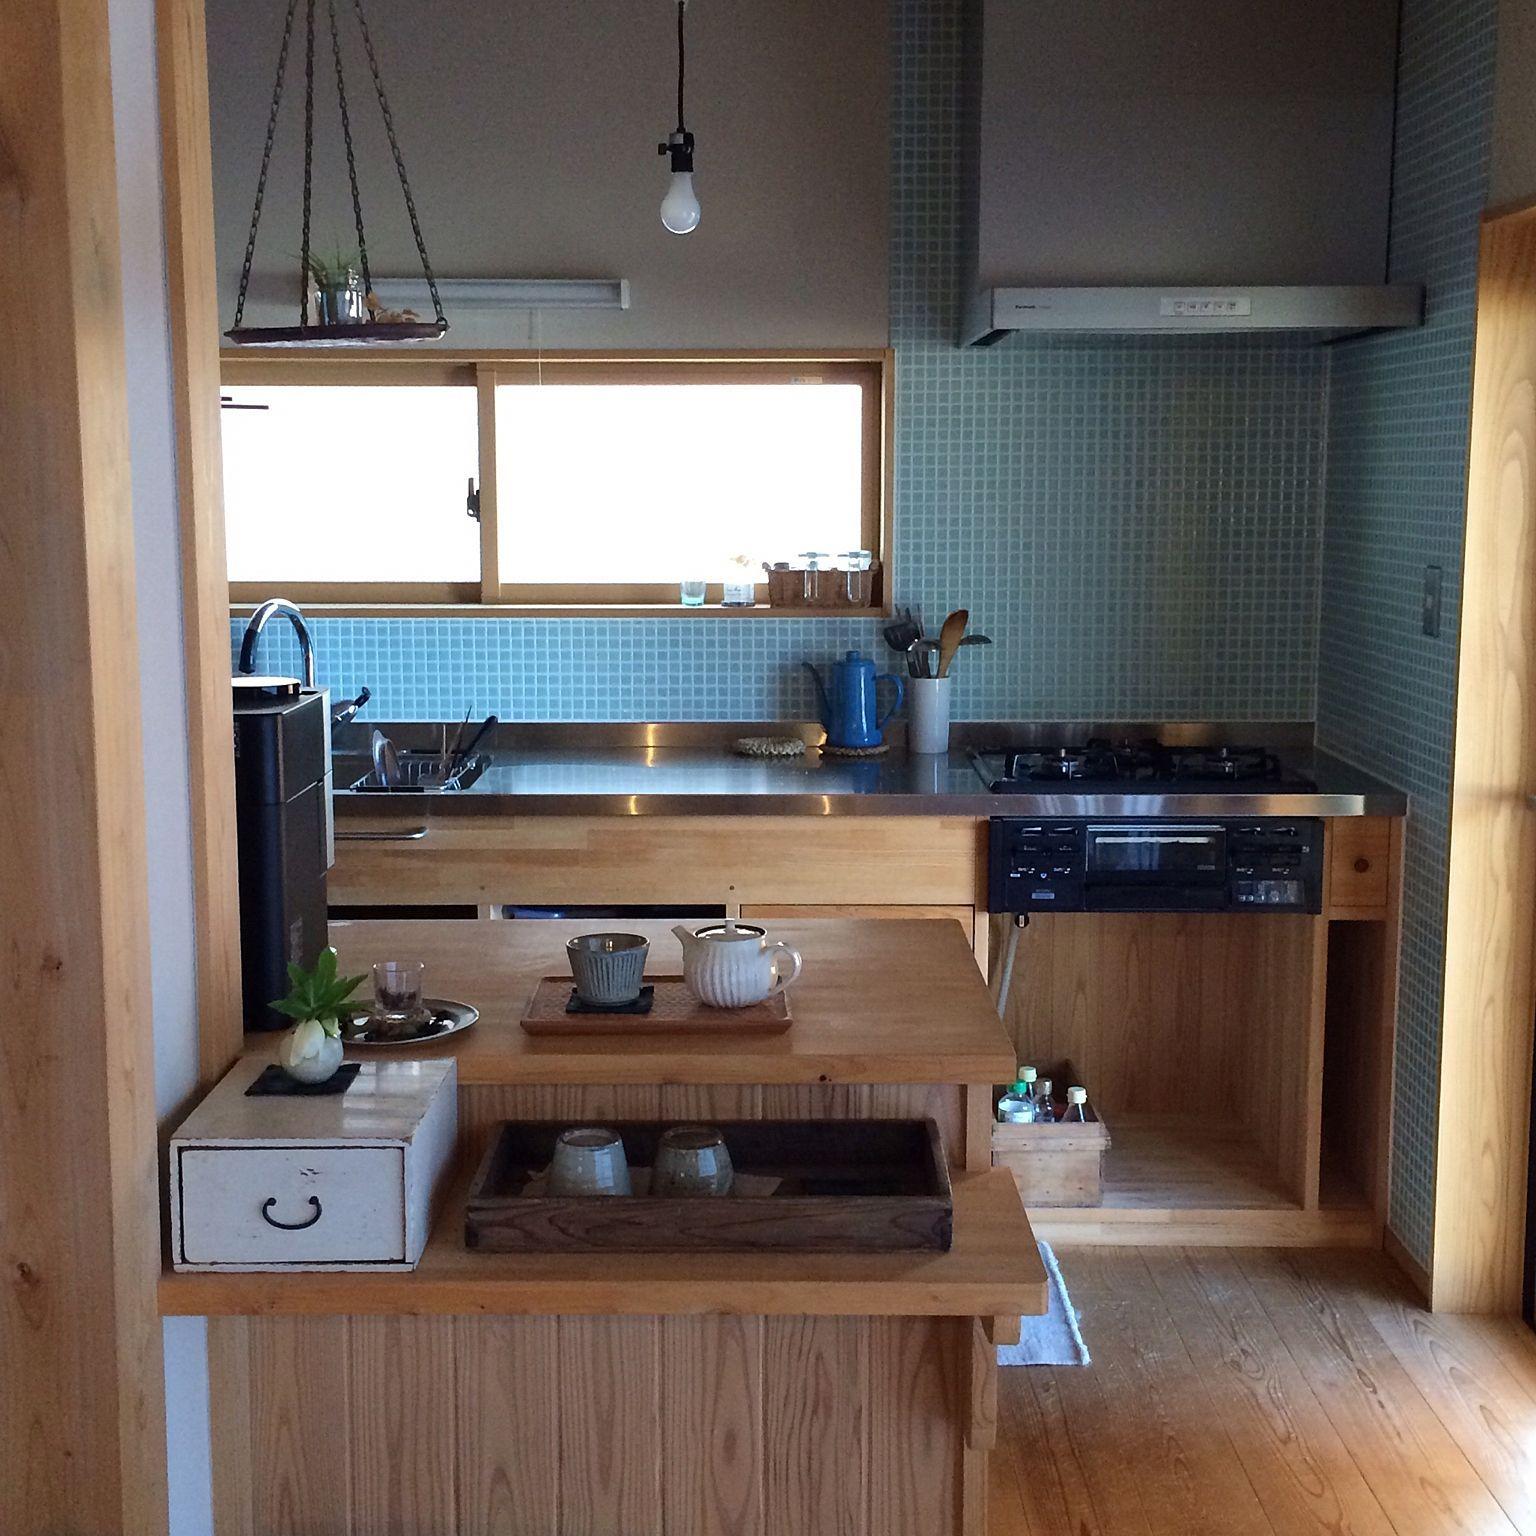 古道具/古いものが好き/造作キッチン/木の家/キッチンカウンター